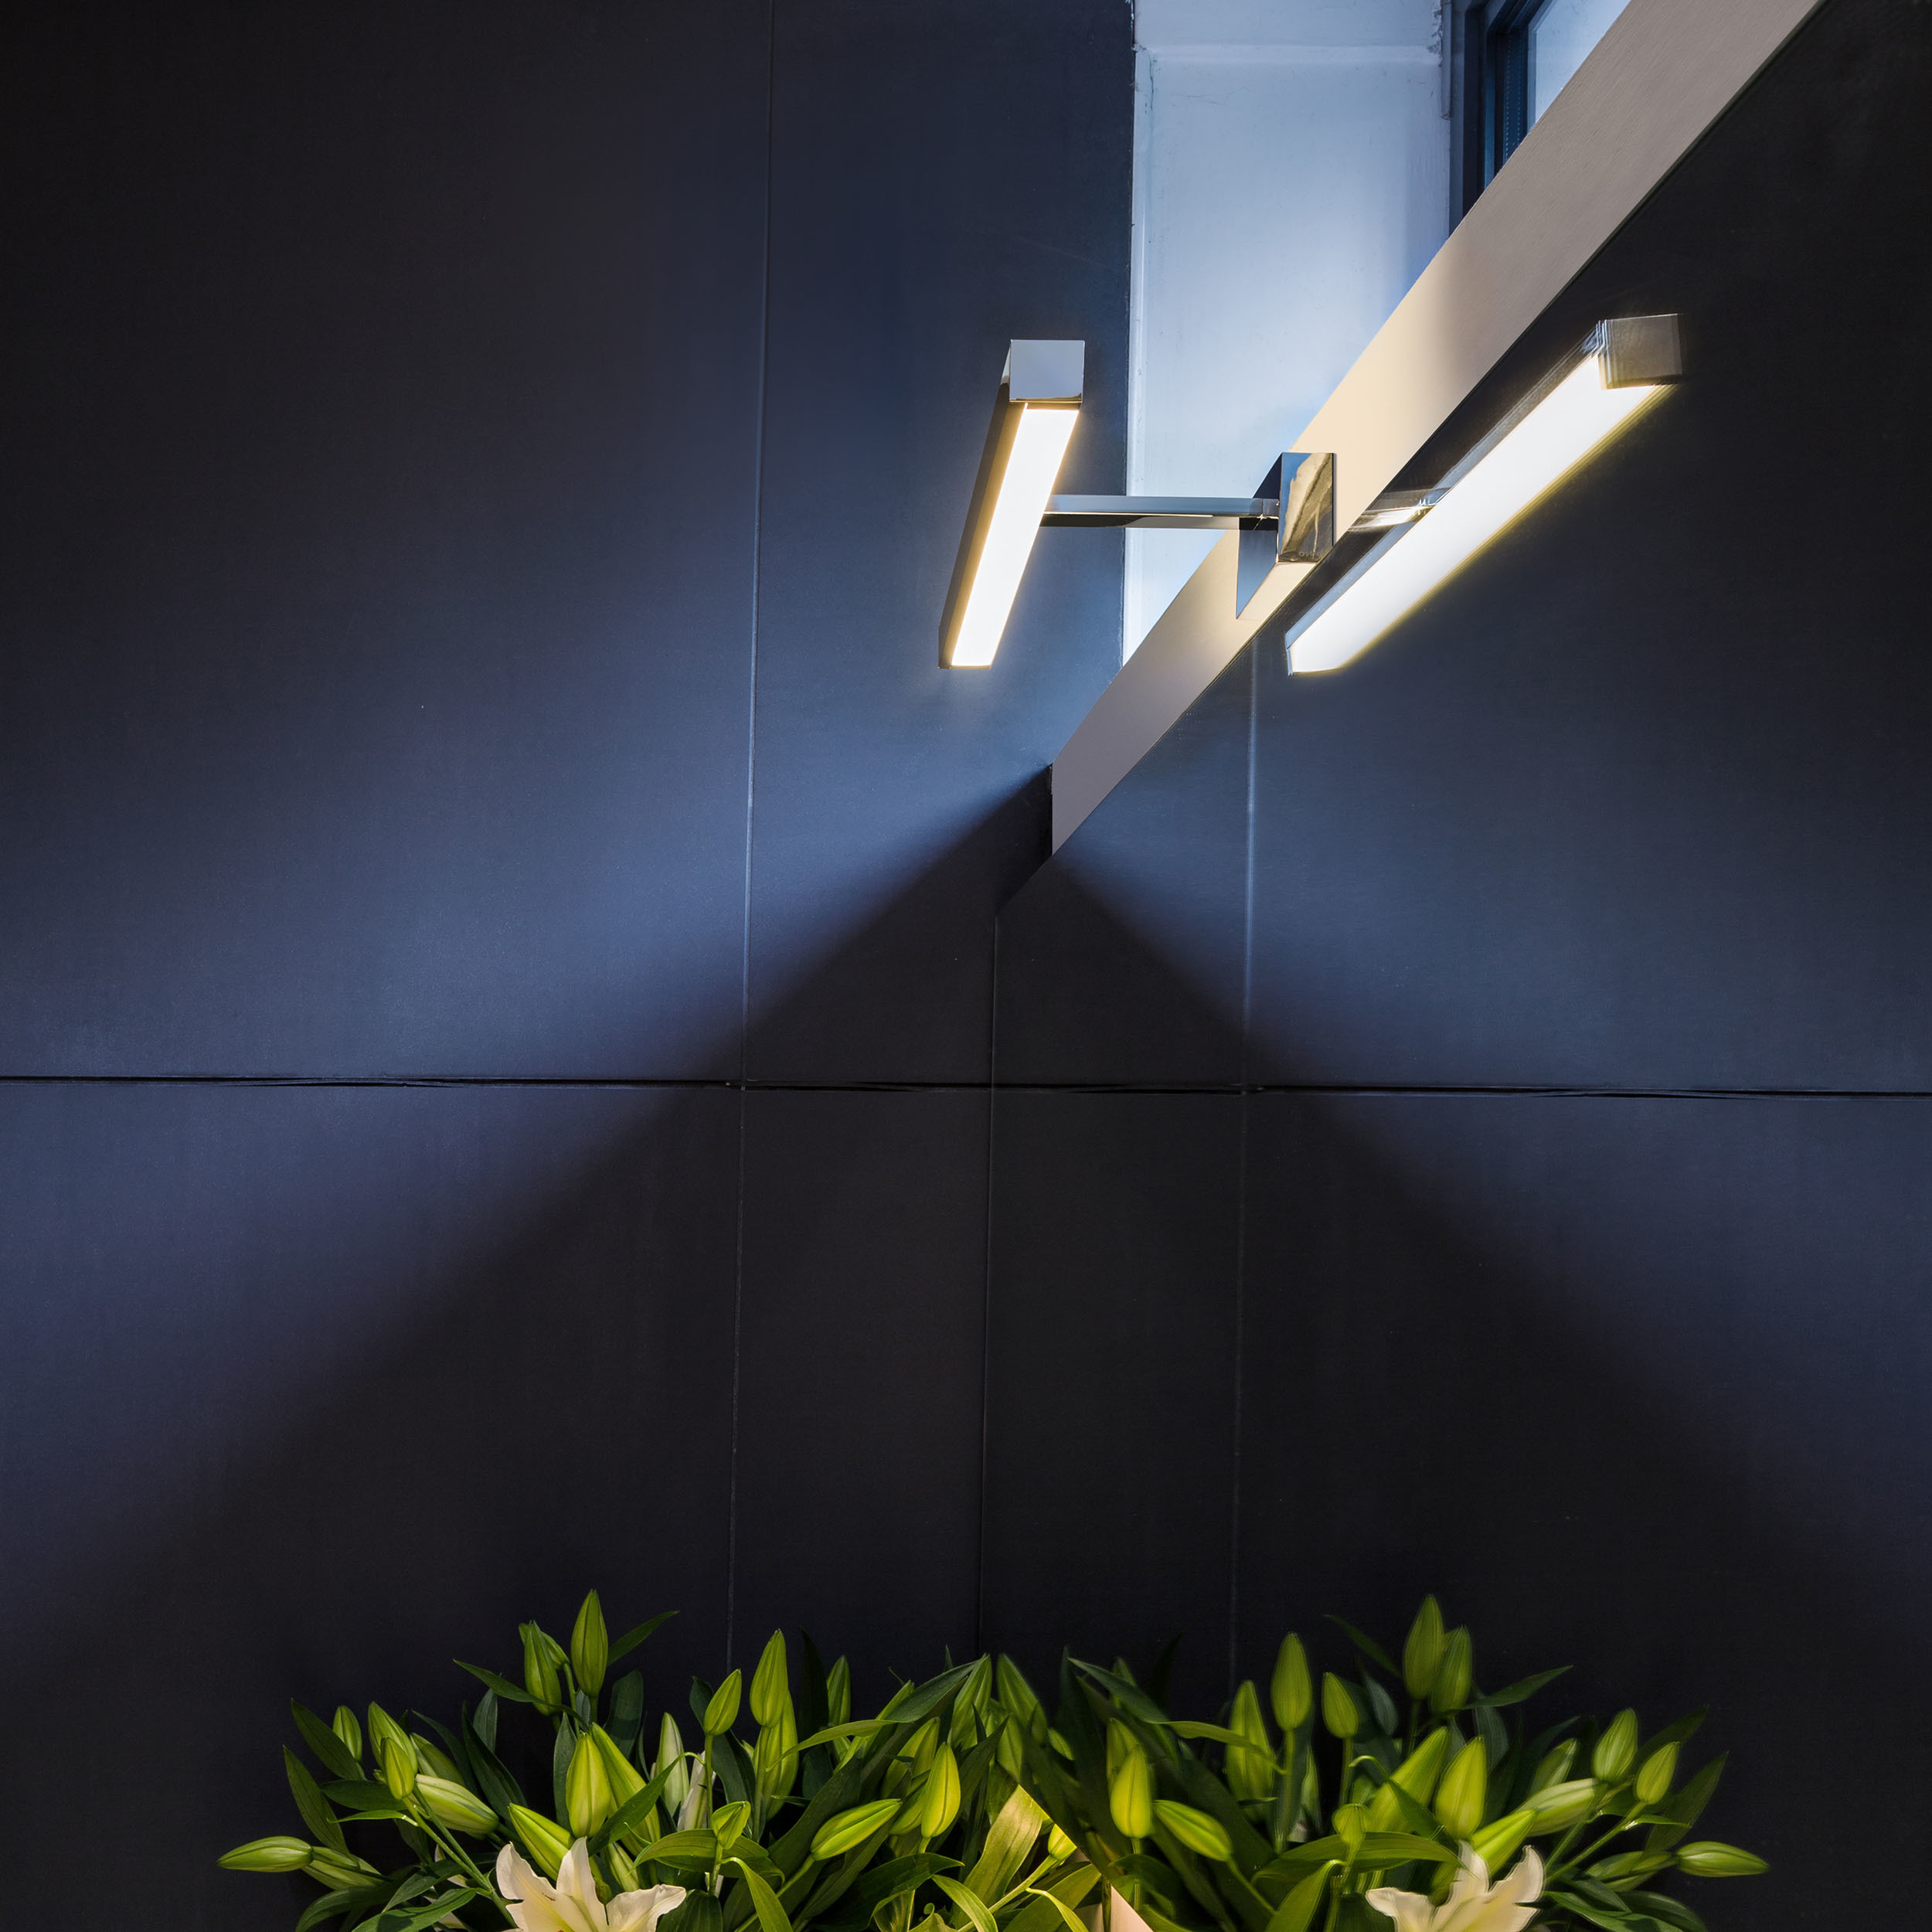 Настенный светодиодный светильник для подсветки зеркал Astro Kashima LED 1174003 (7348), IP44, LED 4,53W 3000K 165lm CRI80, хром, металл, пластик - фото 3